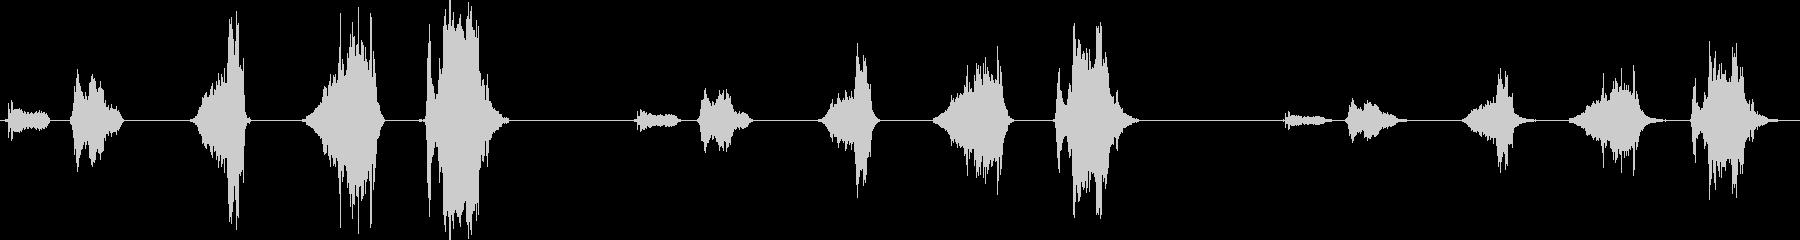 ダークローププル、3バージョンX ...の未再生の波形